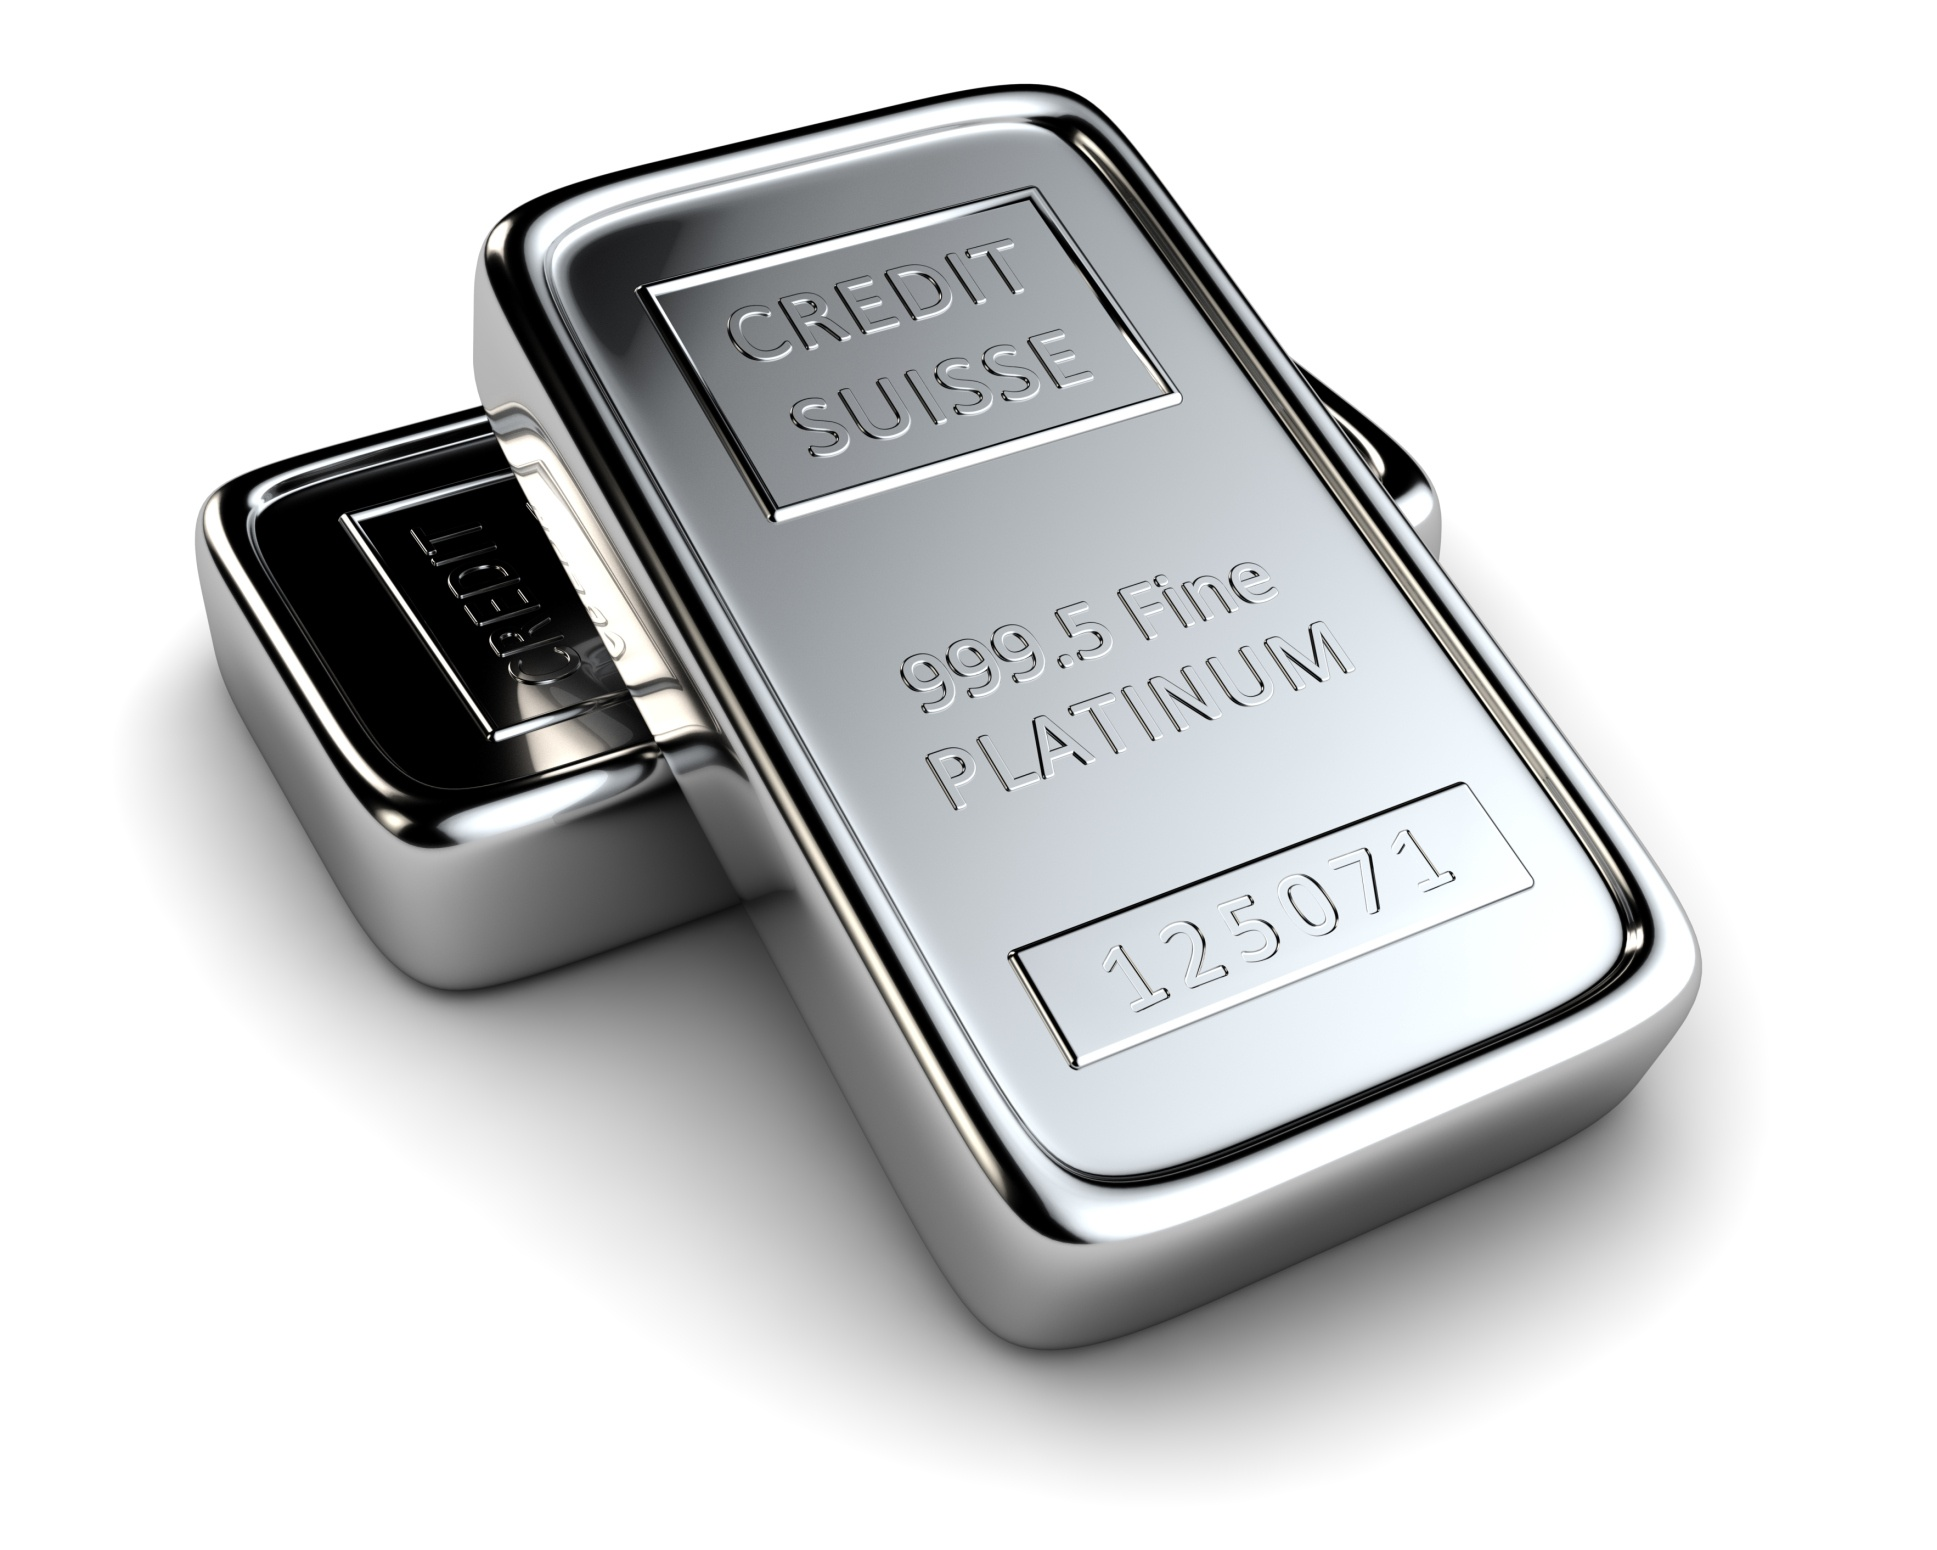 Harga Platinum per Gram